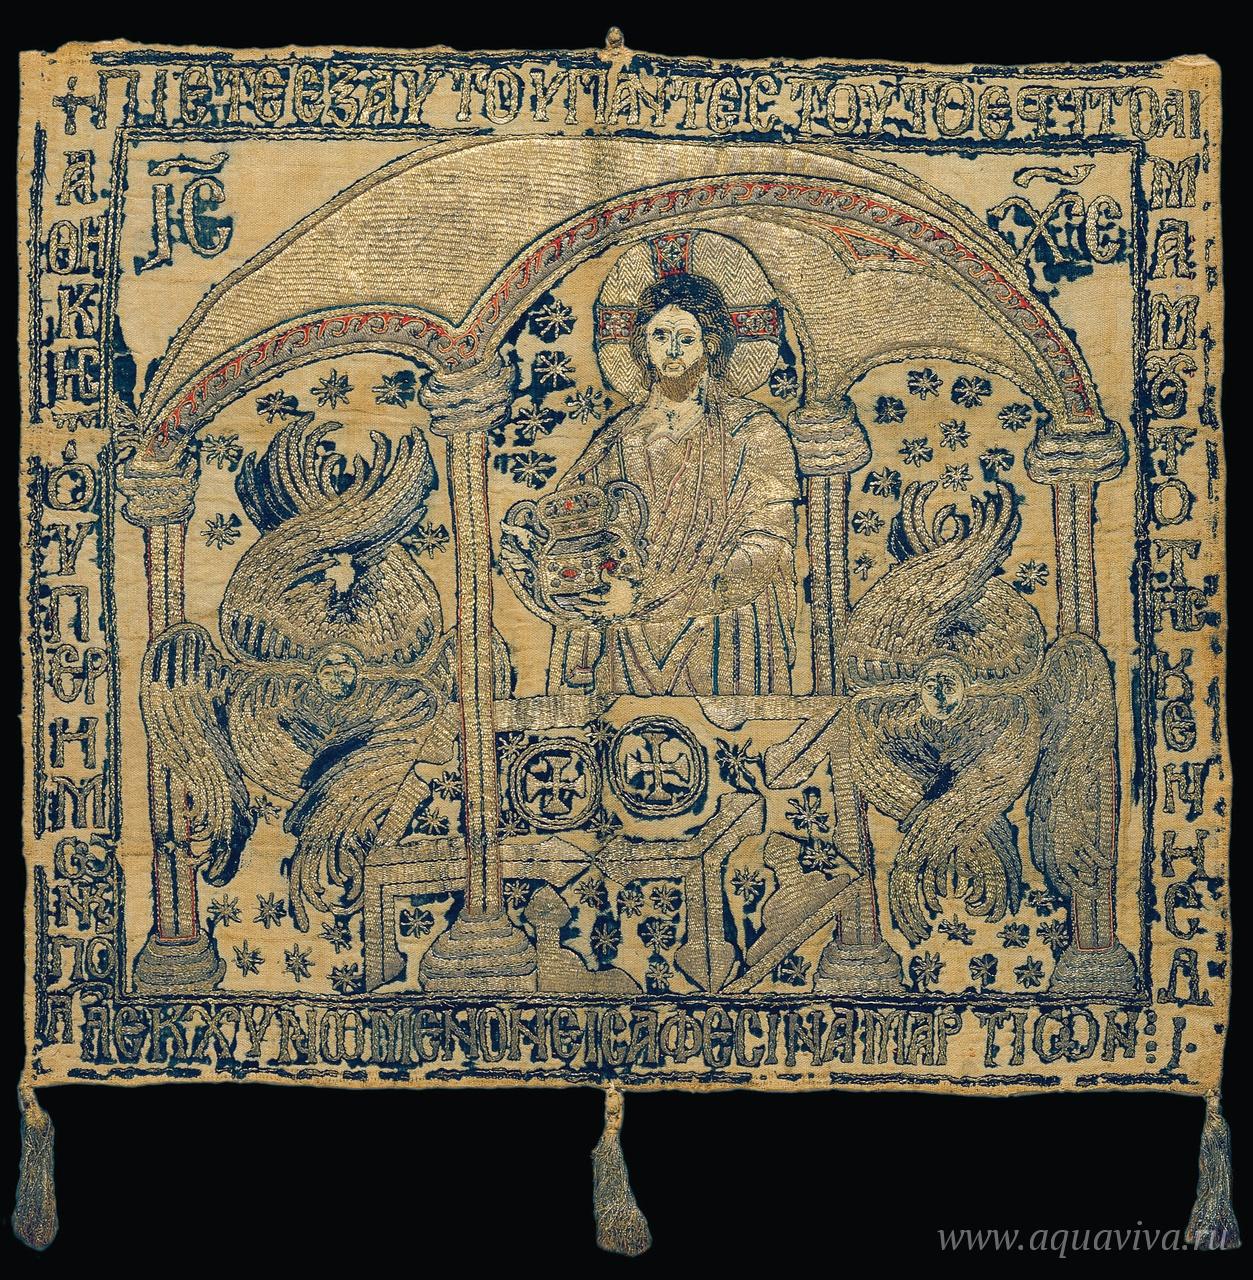 Воздух, матерчатая плата для покрытия сосудов Евхаристии. На ней символически изображается Причастие Апостолов. Византия. Конец XIII века